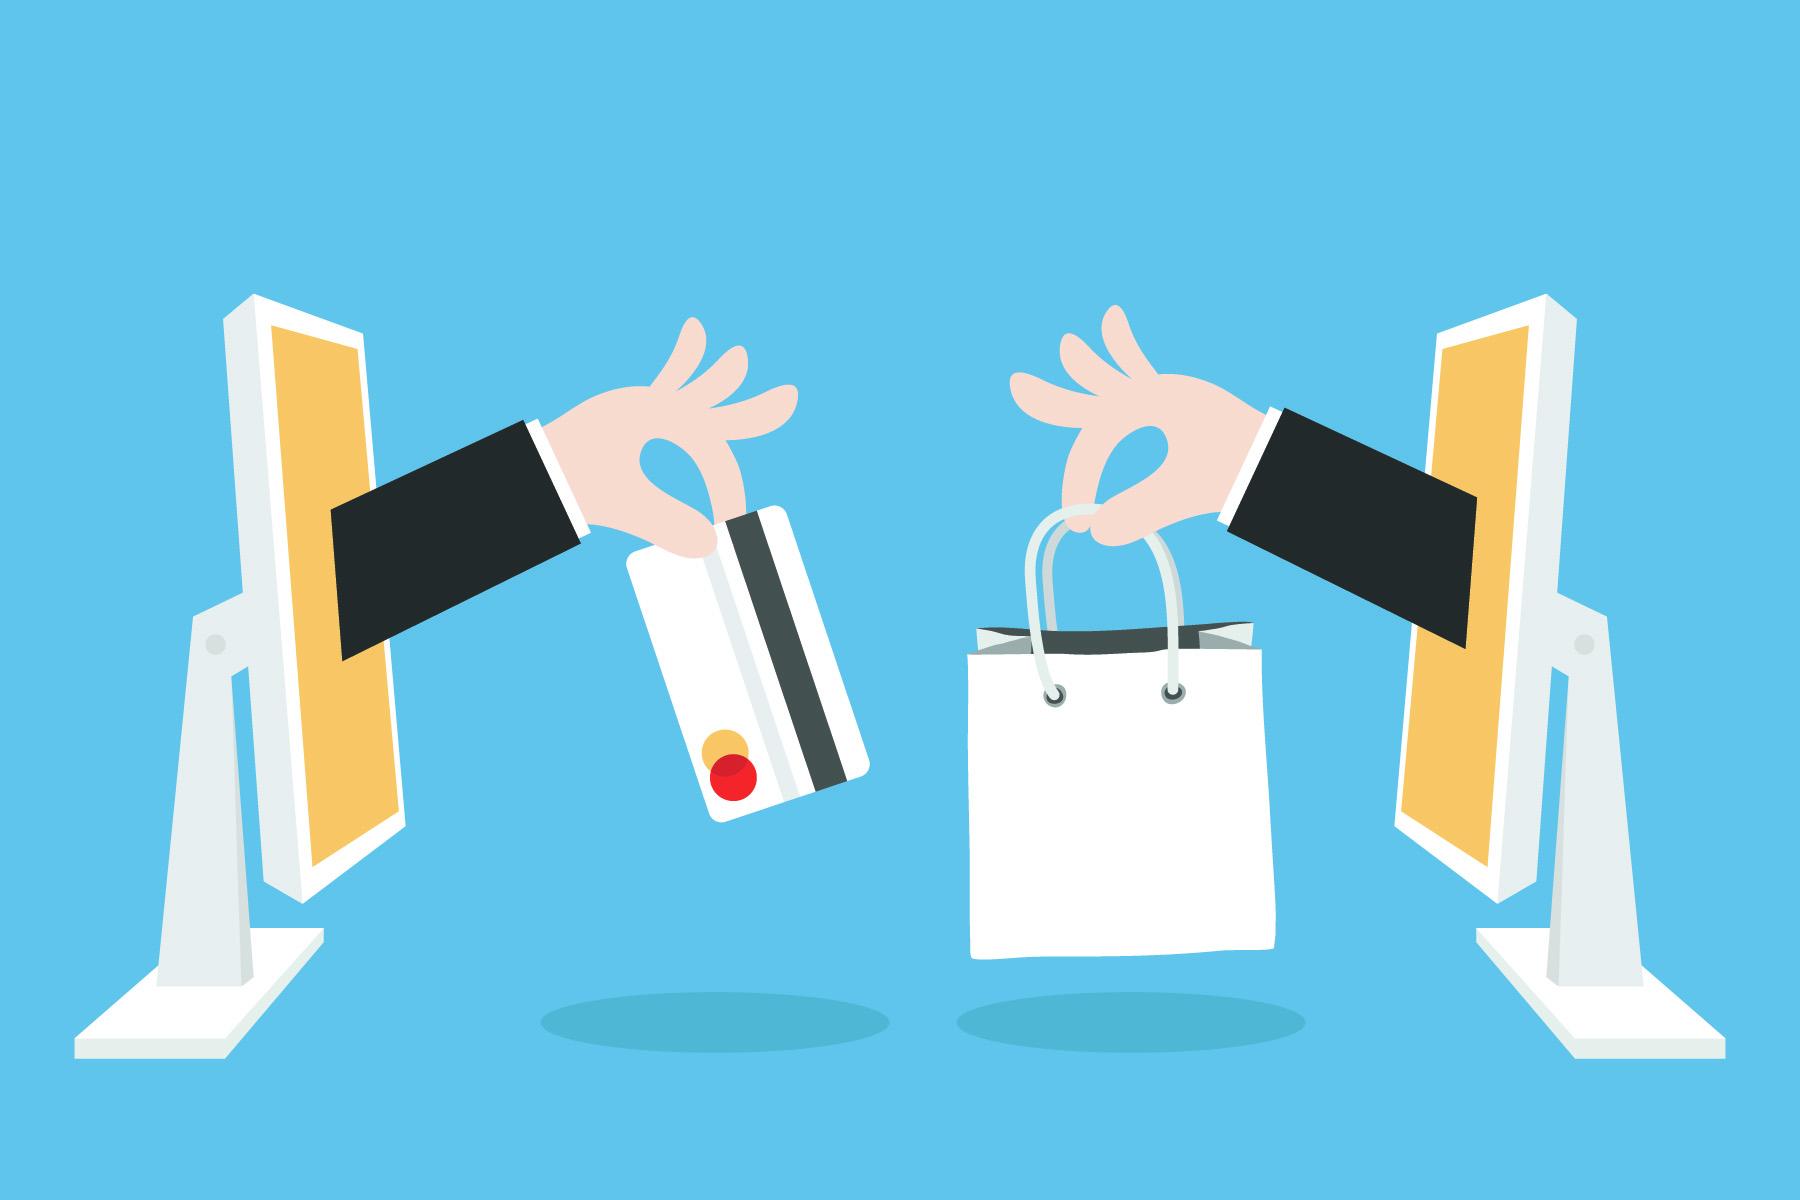 E-commerce: Cresce Il Giro D'affari, Ma Dobbiamo Fare Meglio